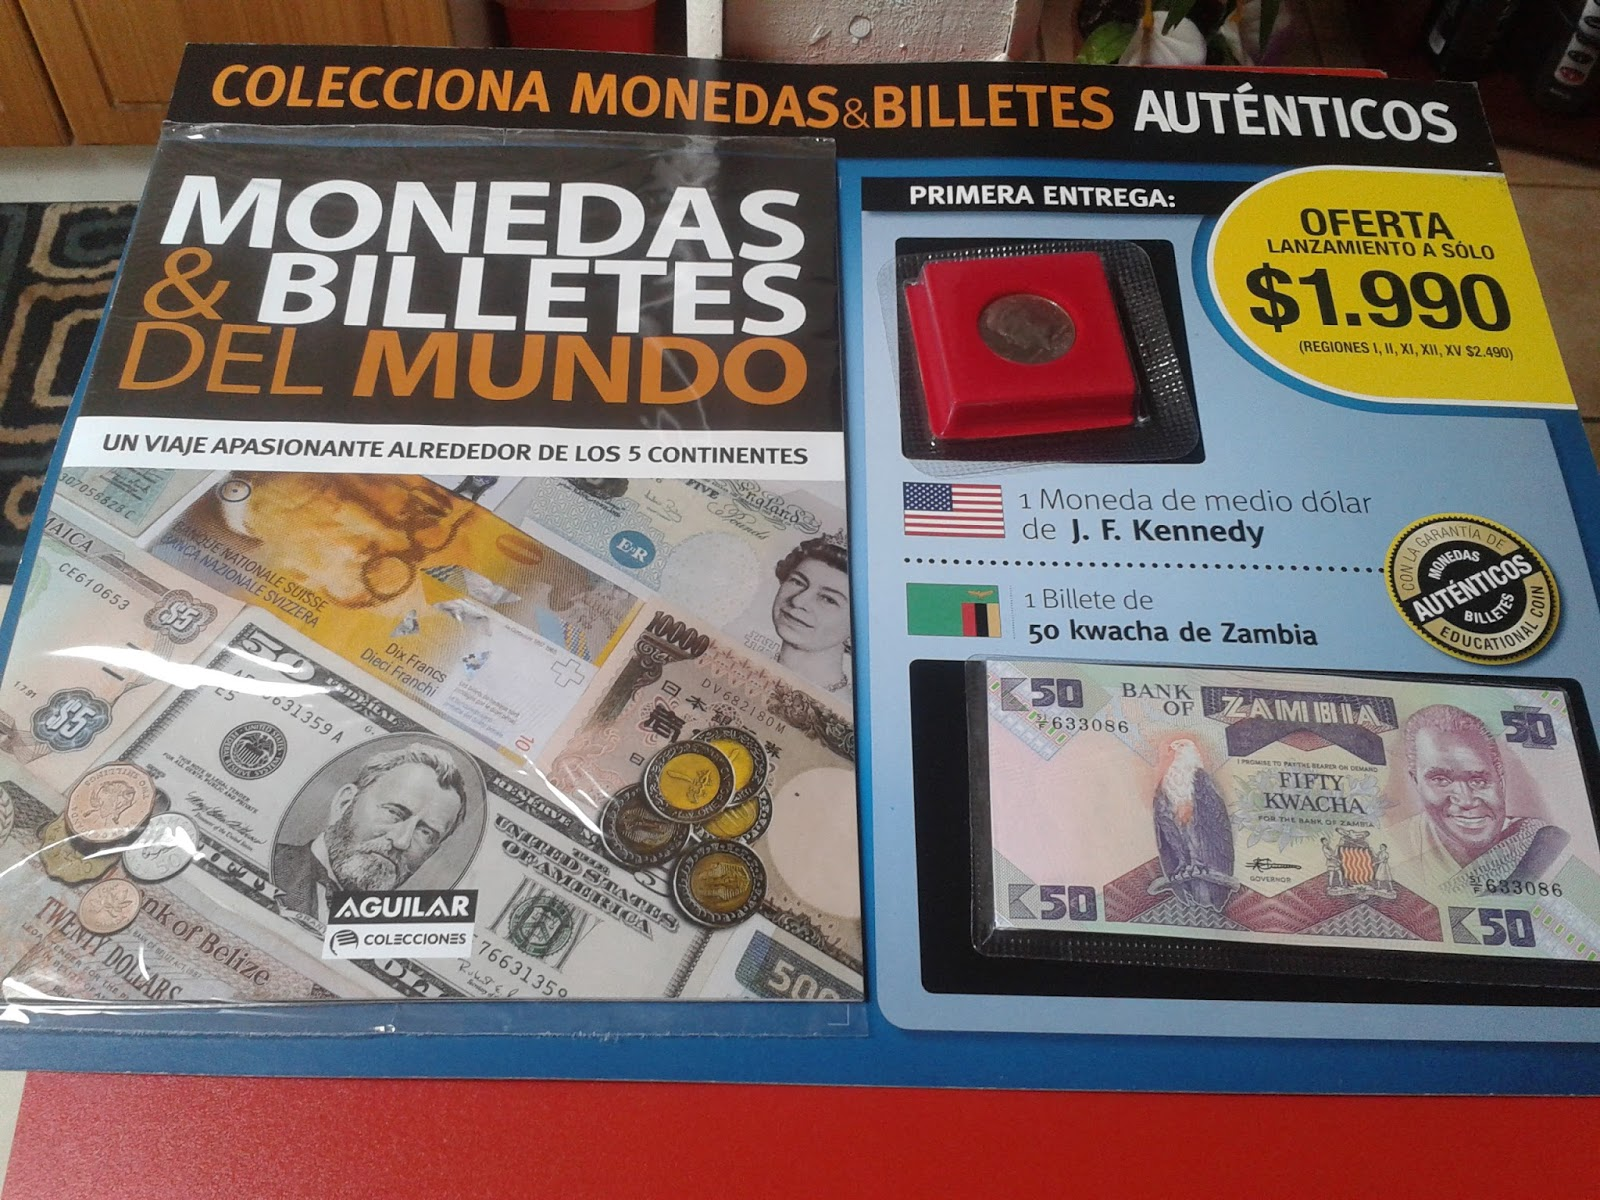 Monedas en chile monedas y billetes del mundo colecci n lun for Coleccion cuchillos el mundo